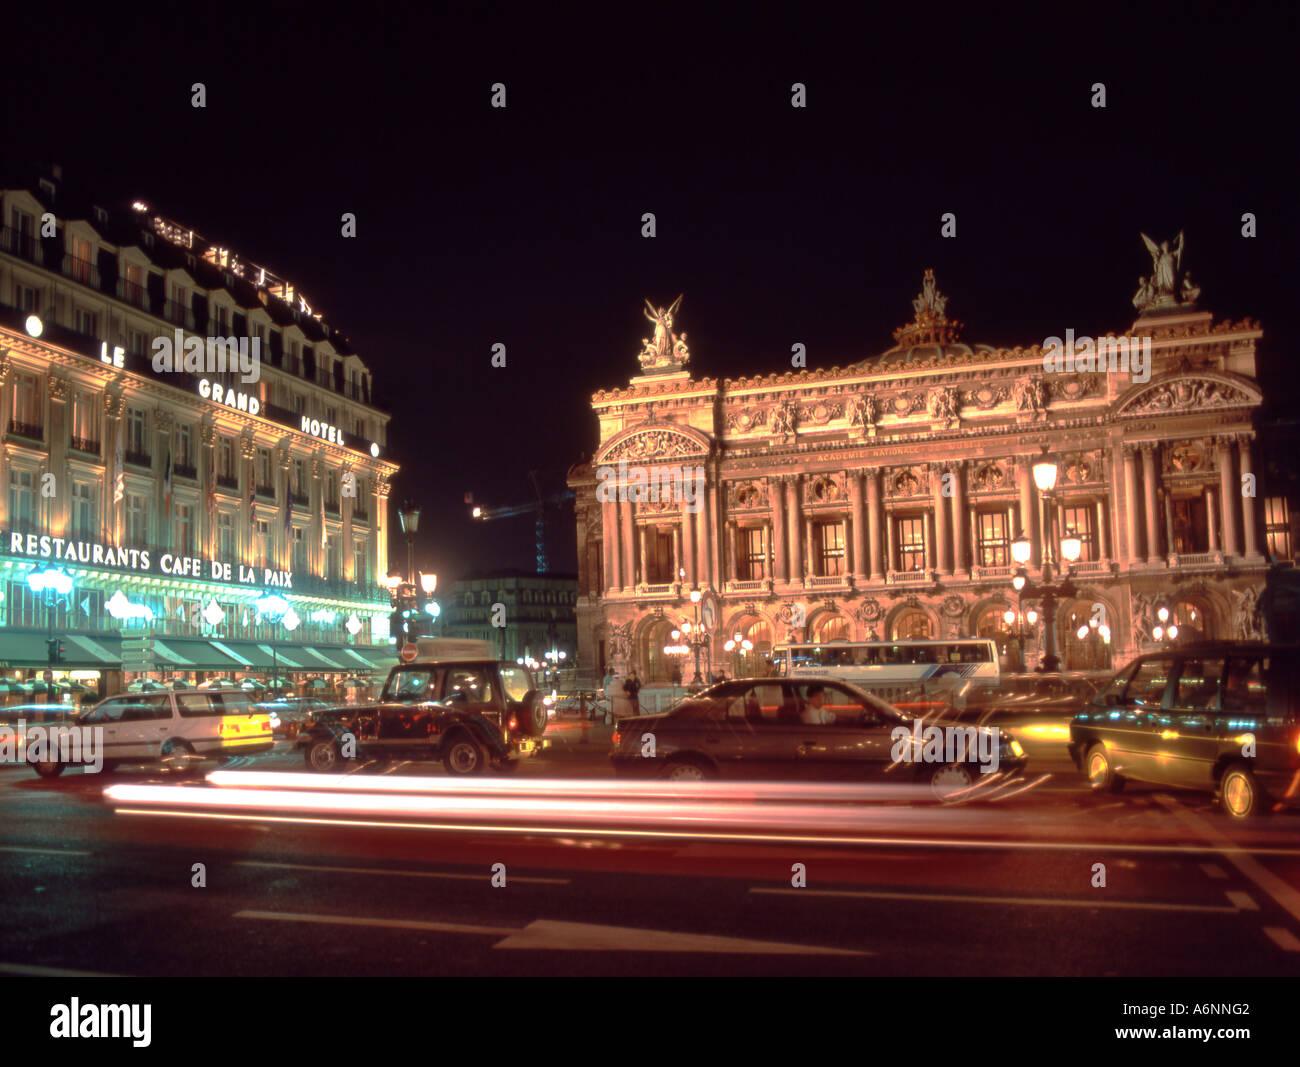 Restaurant Caf Ef Bf Bd De Paris Opera